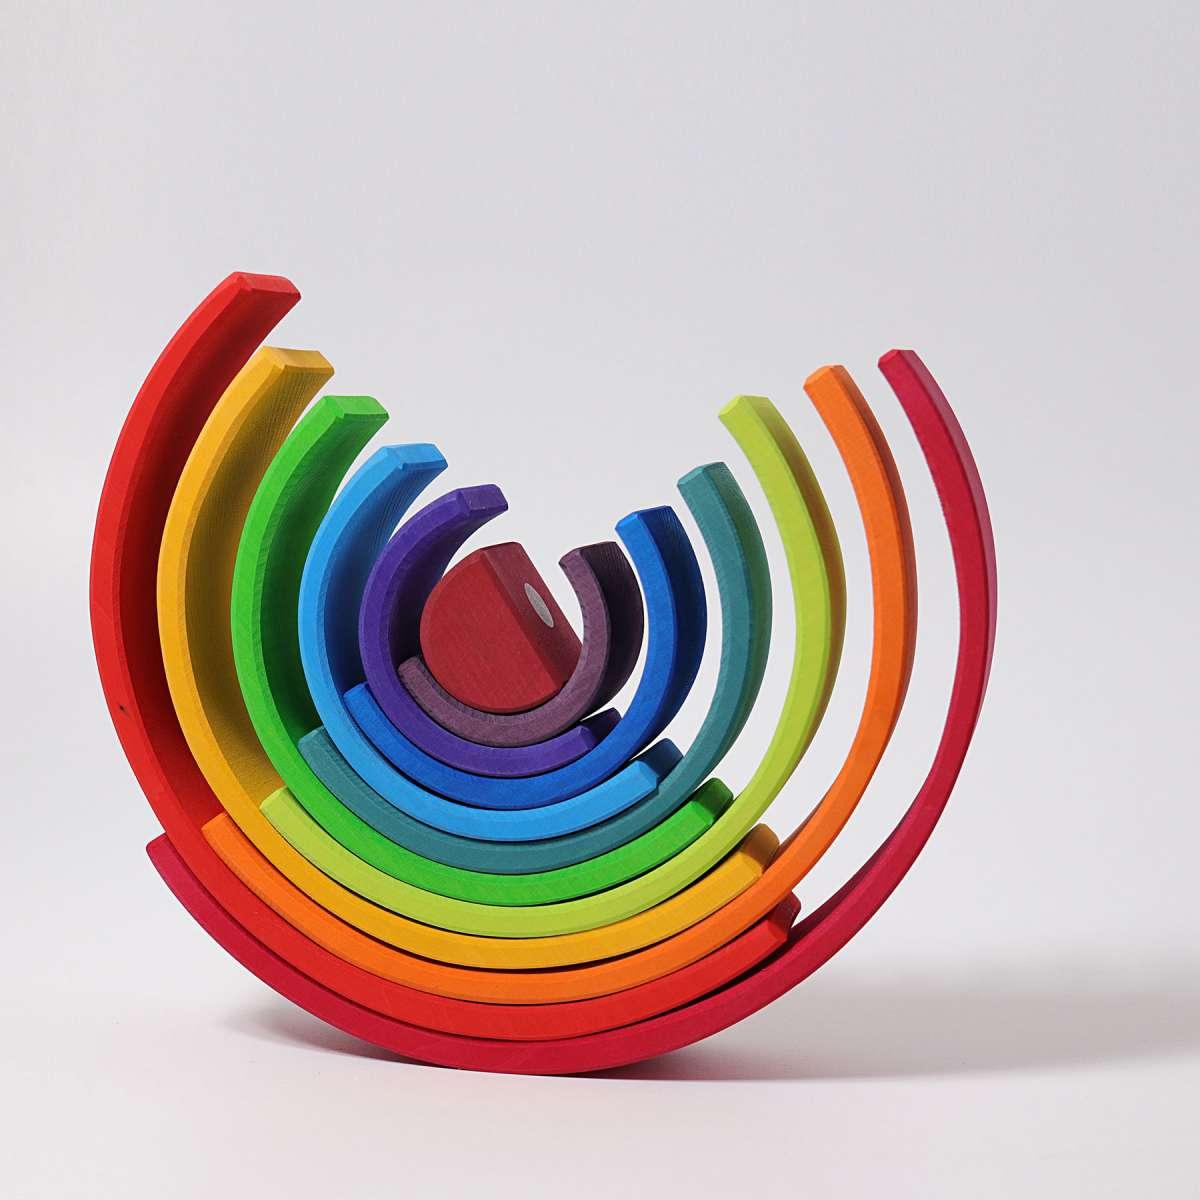 Câte opțiuni pentru aranjarea culorilor curcubeului. Câte culori sunt în curcubeu și ce